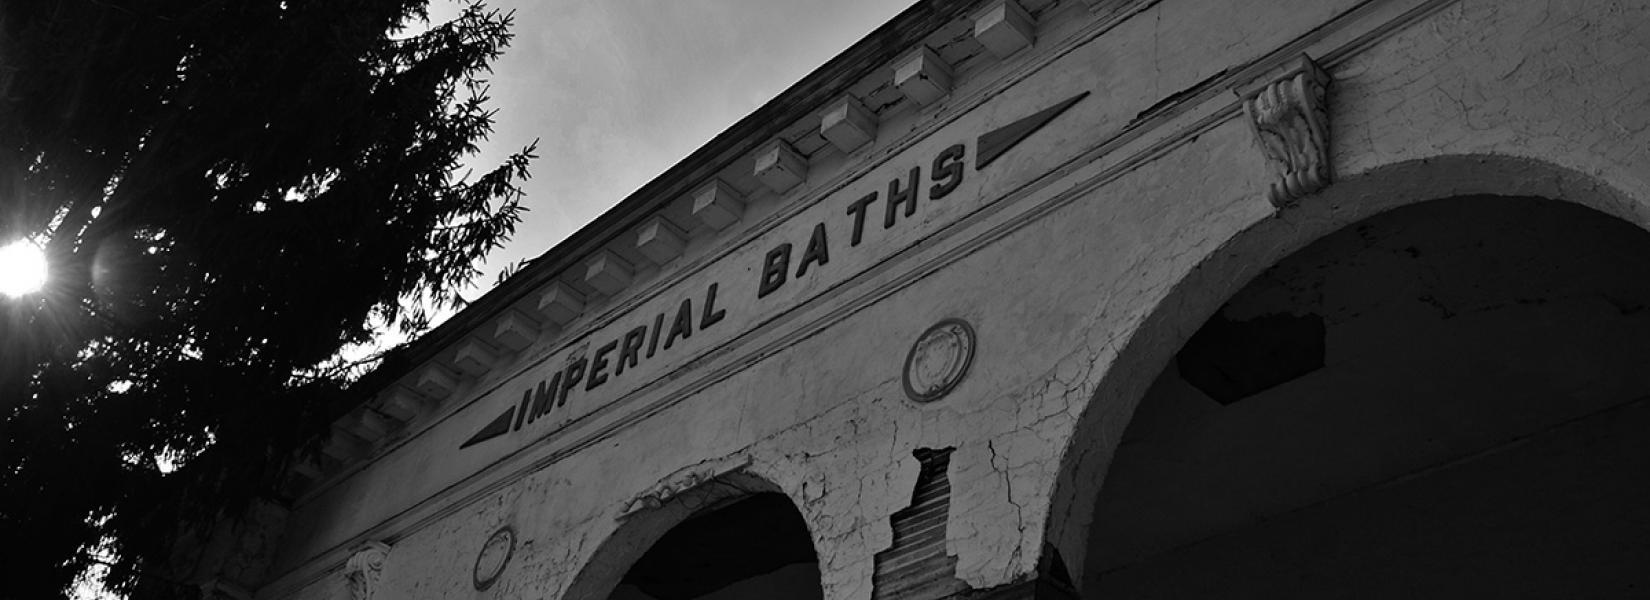 Hotel Adler, the abandoned bathhouse - Photo by Diane Landro